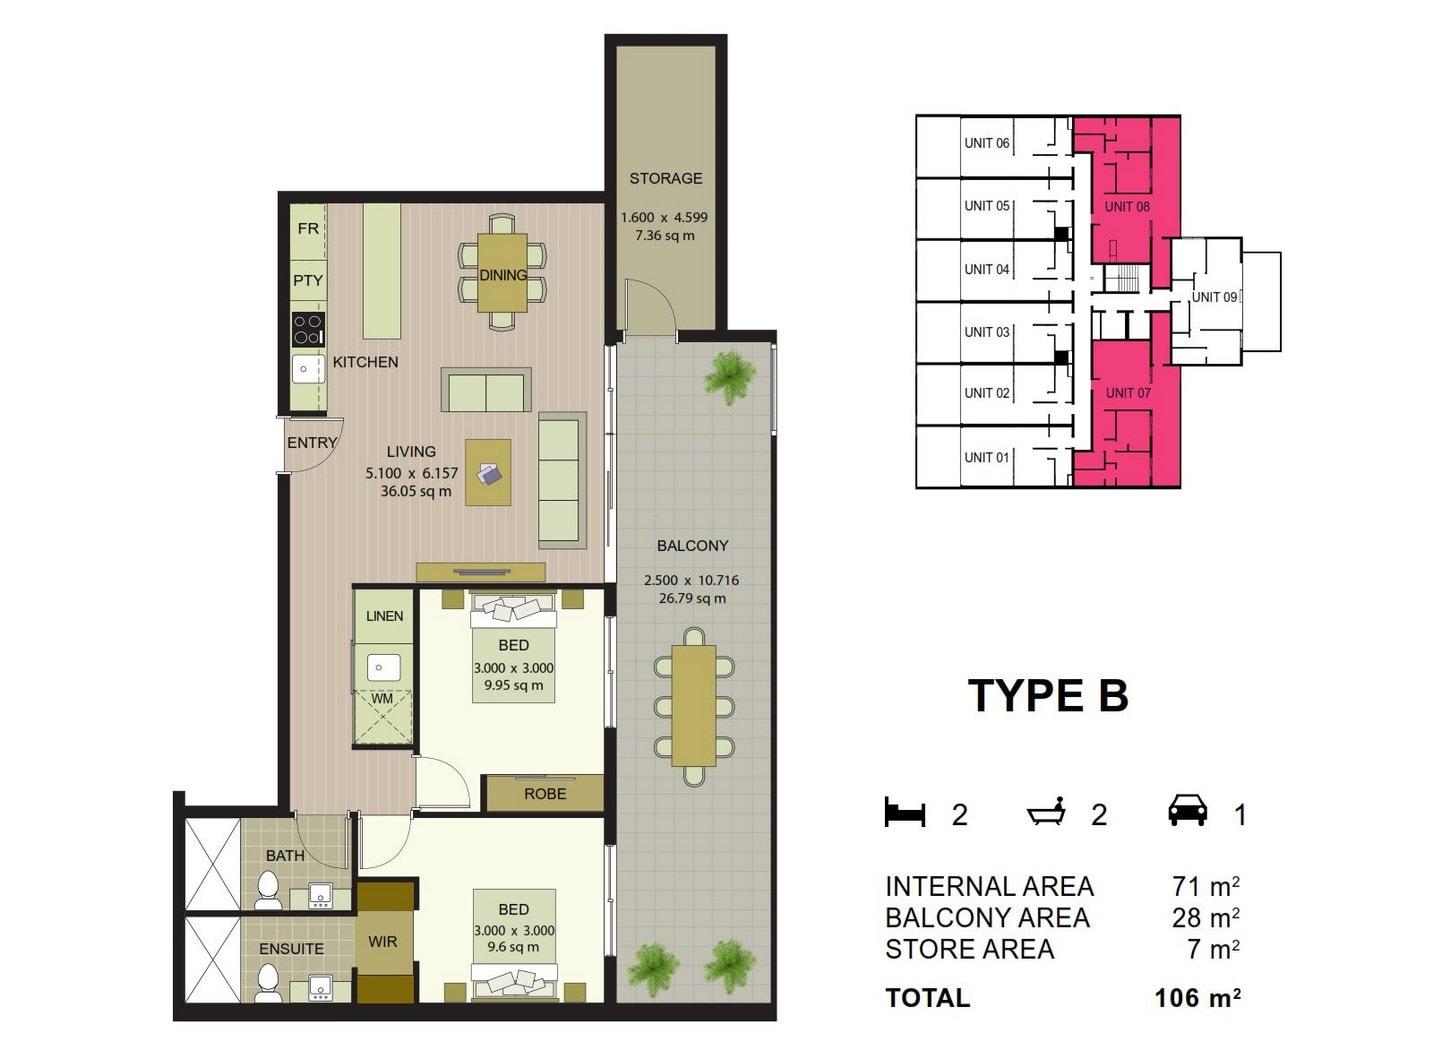 2d floor plans the 3d architect for Architecture 3d plan 2d